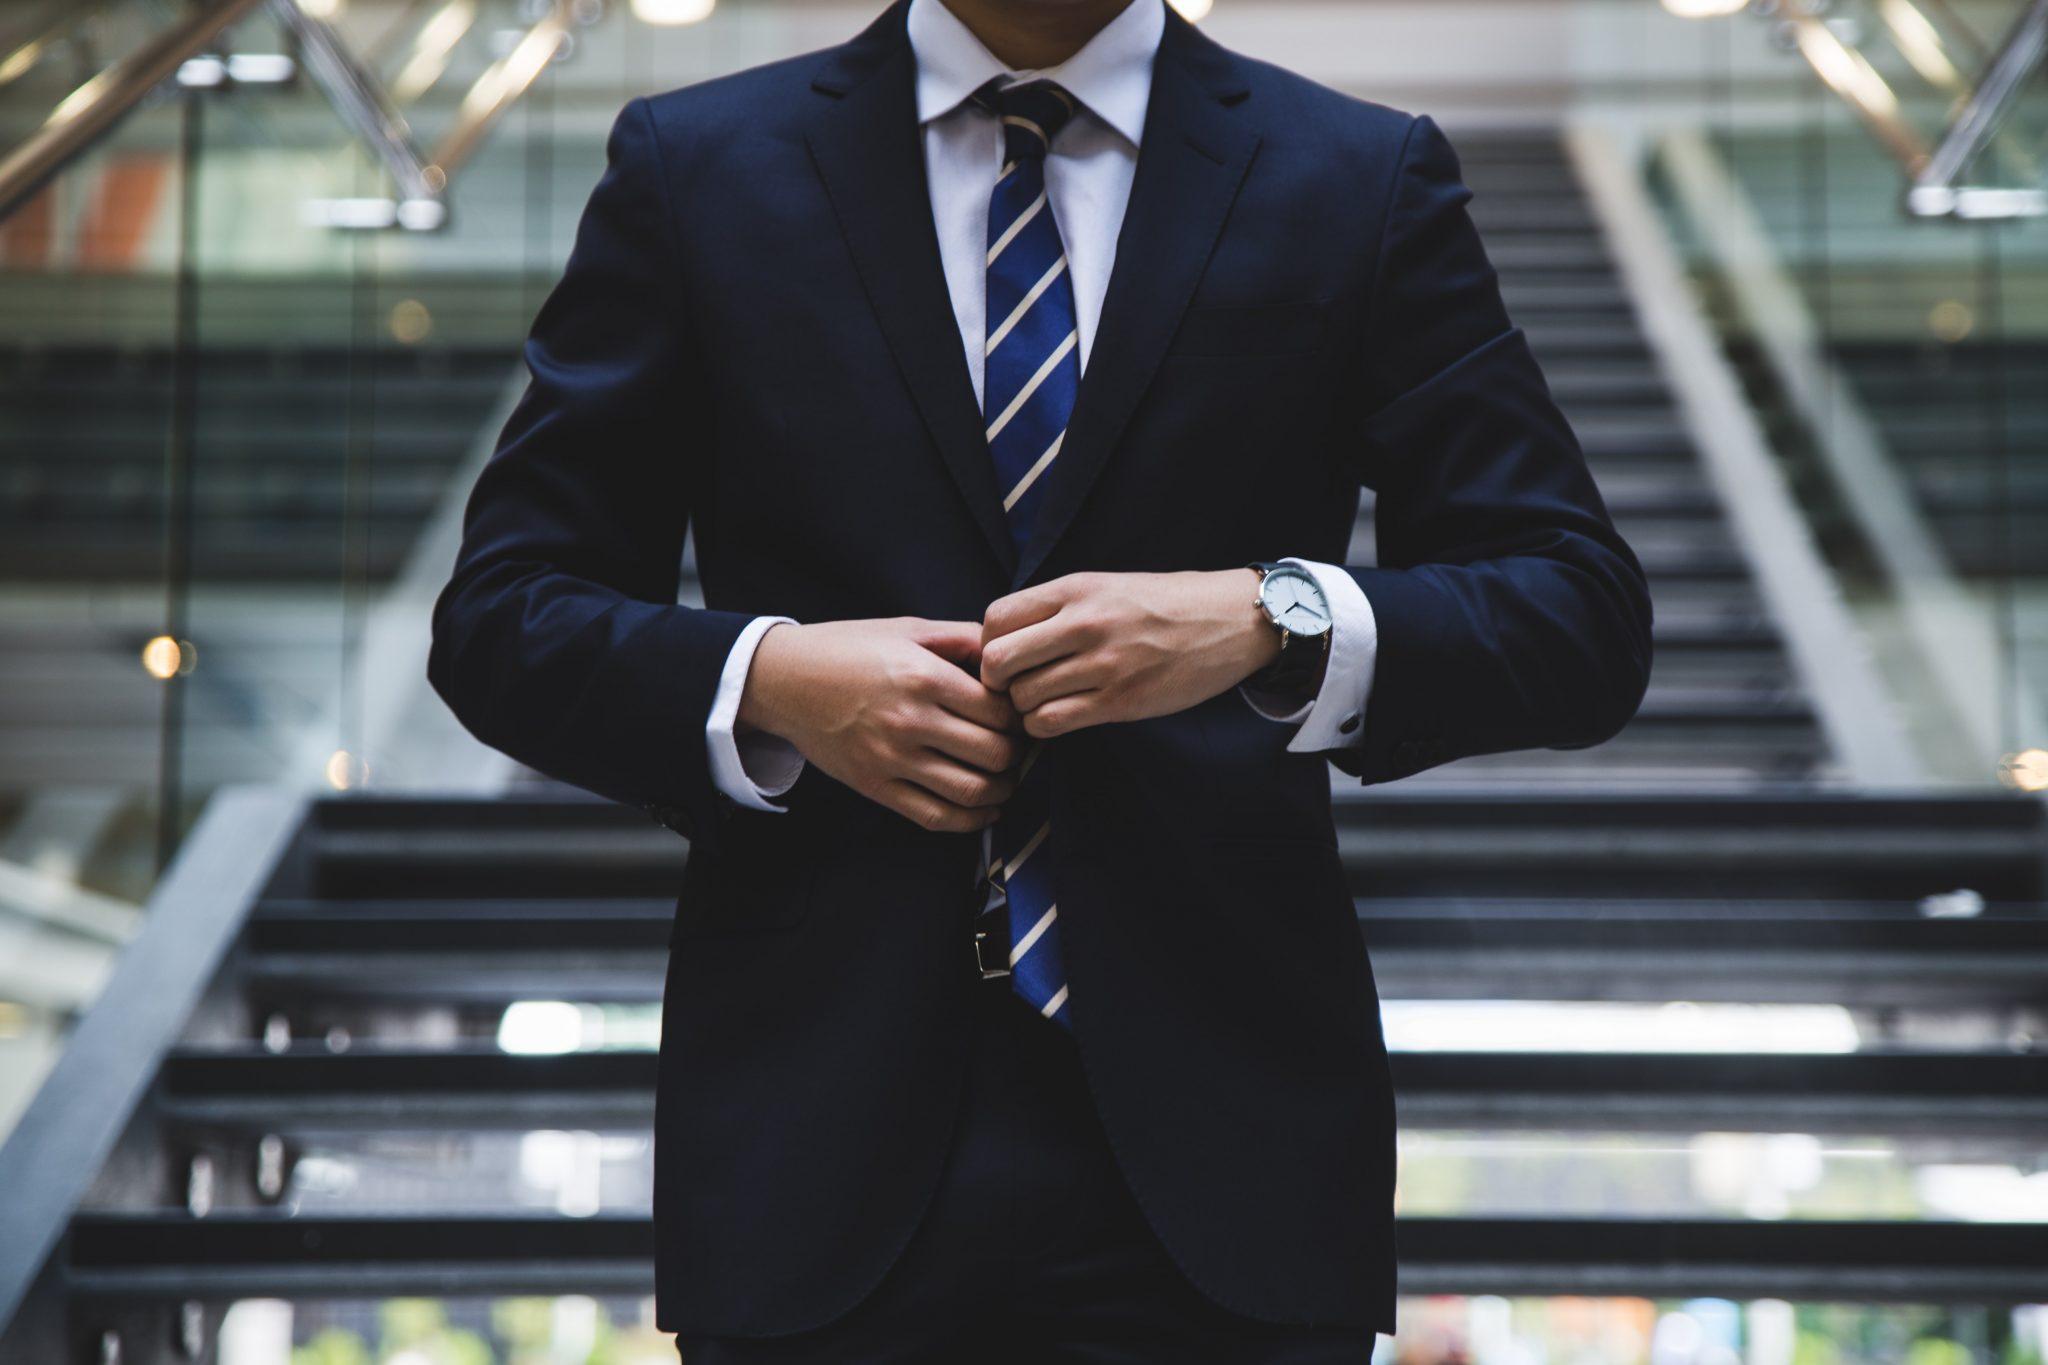 Mann i dress som går ned en trapp klar for flere digitale investeringer